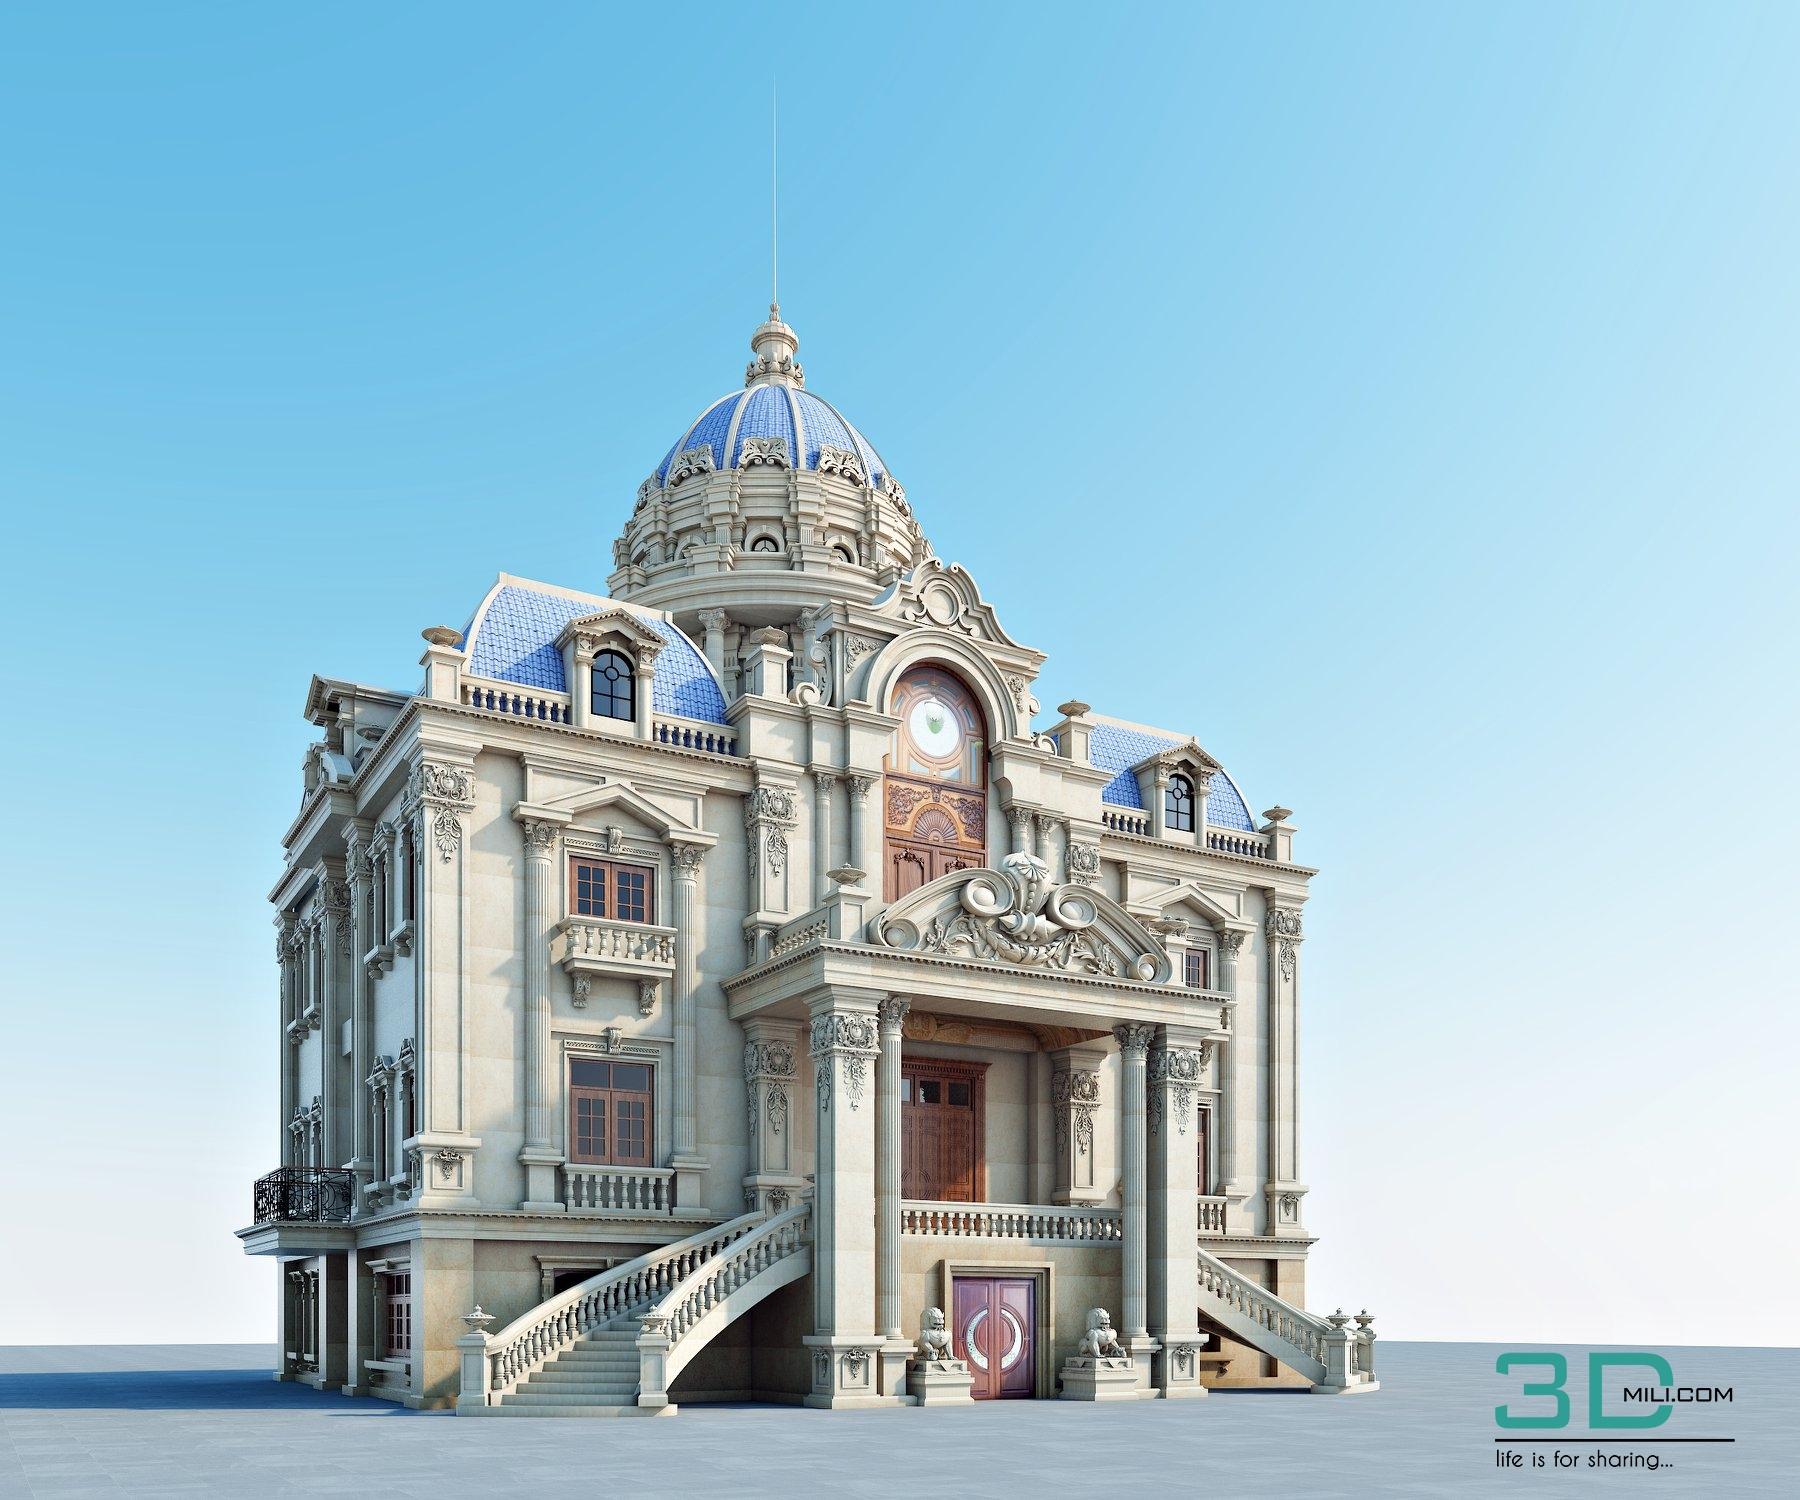 07   Sketchup Scenes File 07 - 3D Mili - Download 3D Model